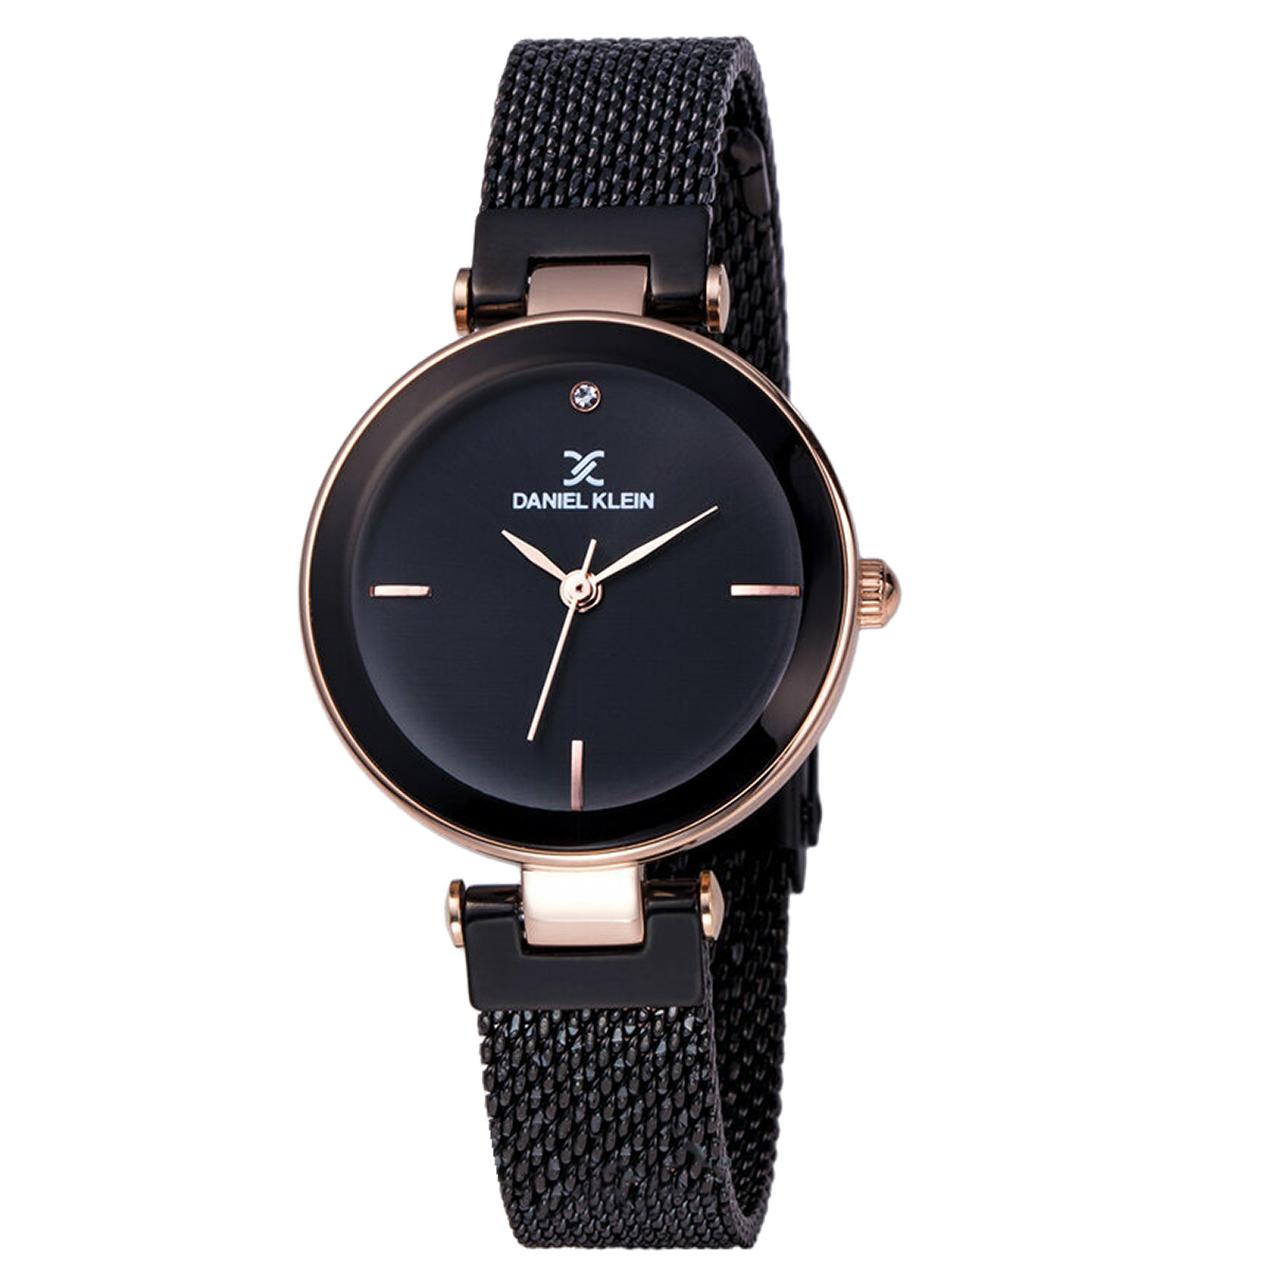 ساعت مچی عقربه ای زنانه دنیل کلین مدل Premium DK11903-5